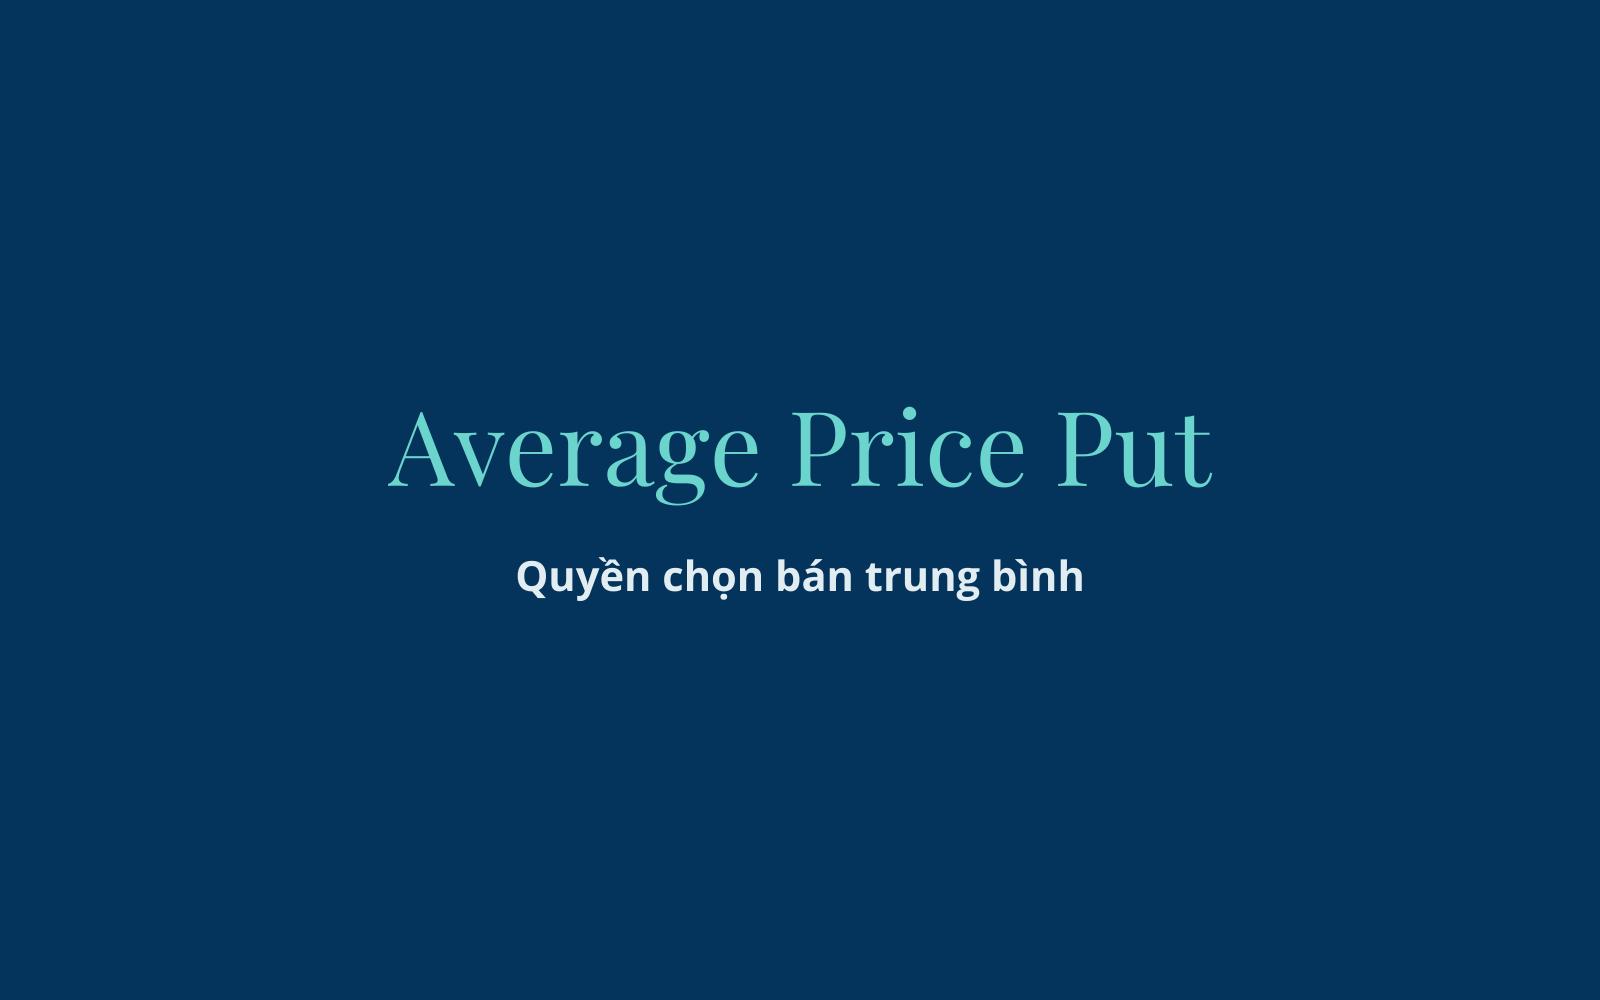 Quyền chọn bán trung bình (Average Price Put) là gì? Hiểu về Quyền chọn bán trung bình - Ảnh 1.